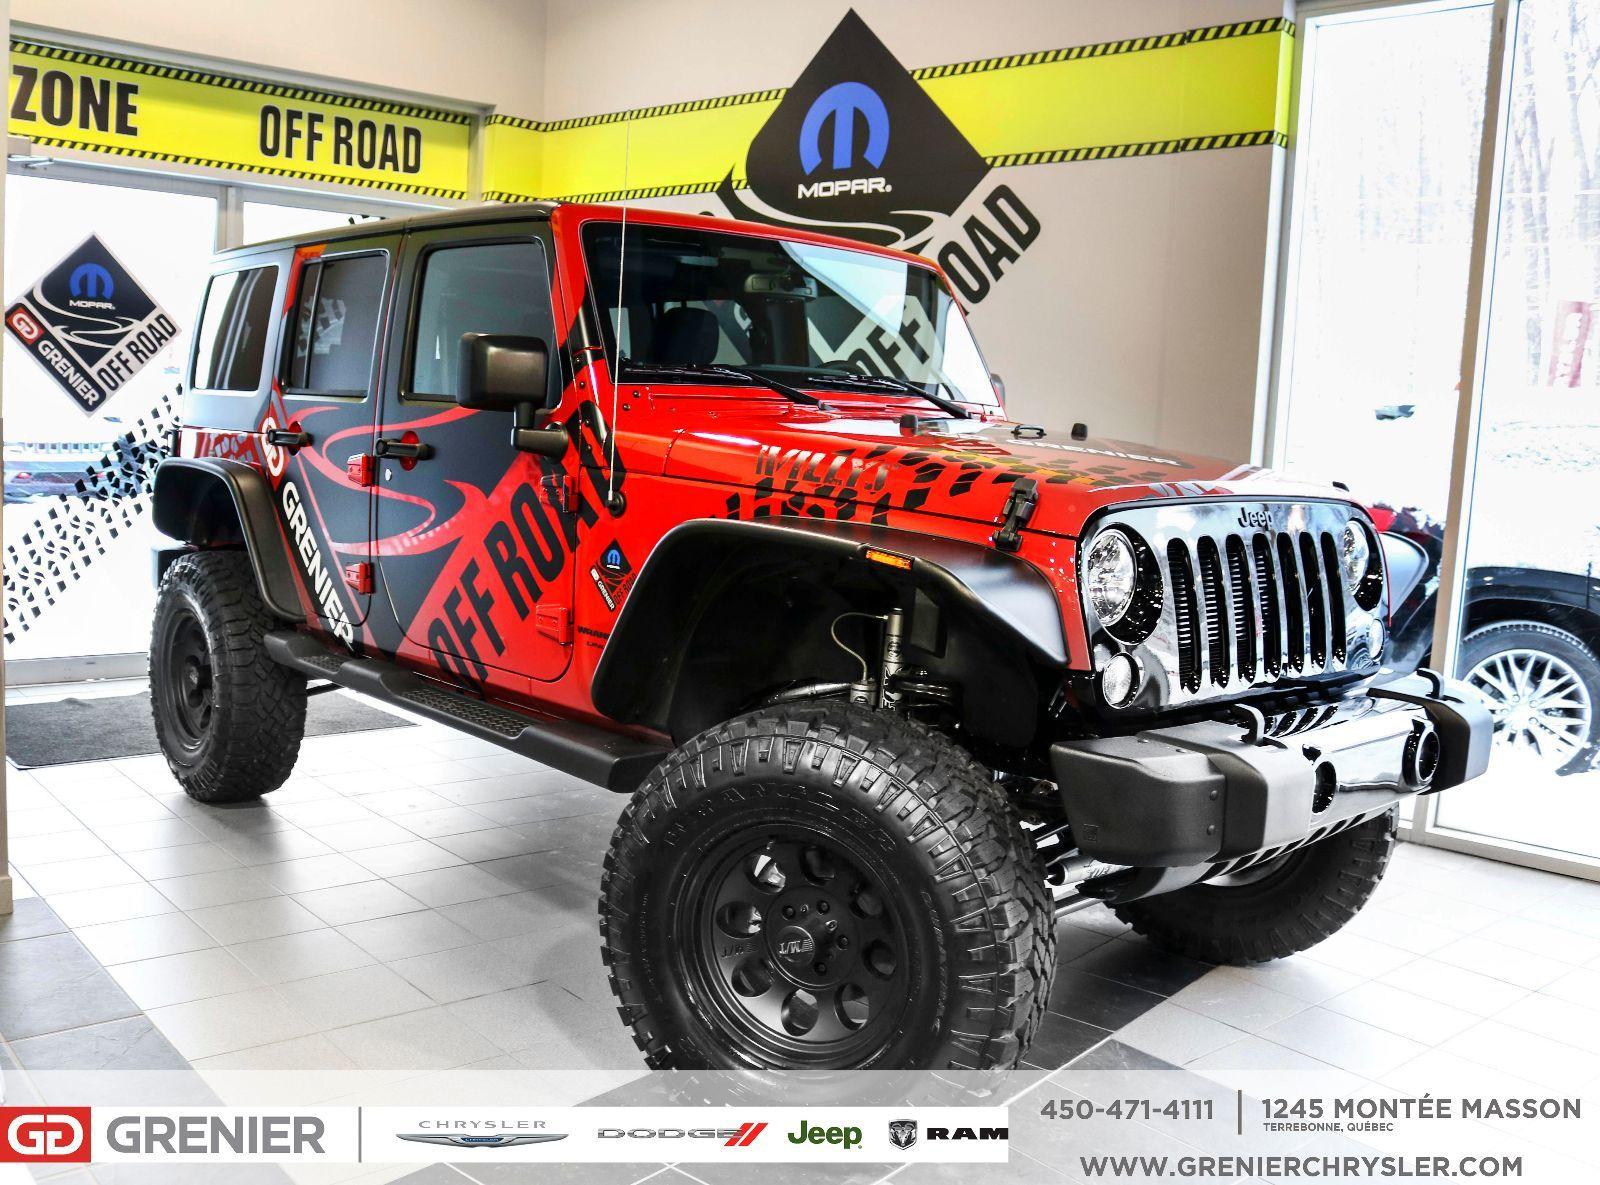 jeep wrangler jk unlimited 2018 n d 59995 0 grenier chrysler dodge jeep 18 1085m. Black Bedroom Furniture Sets. Home Design Ideas